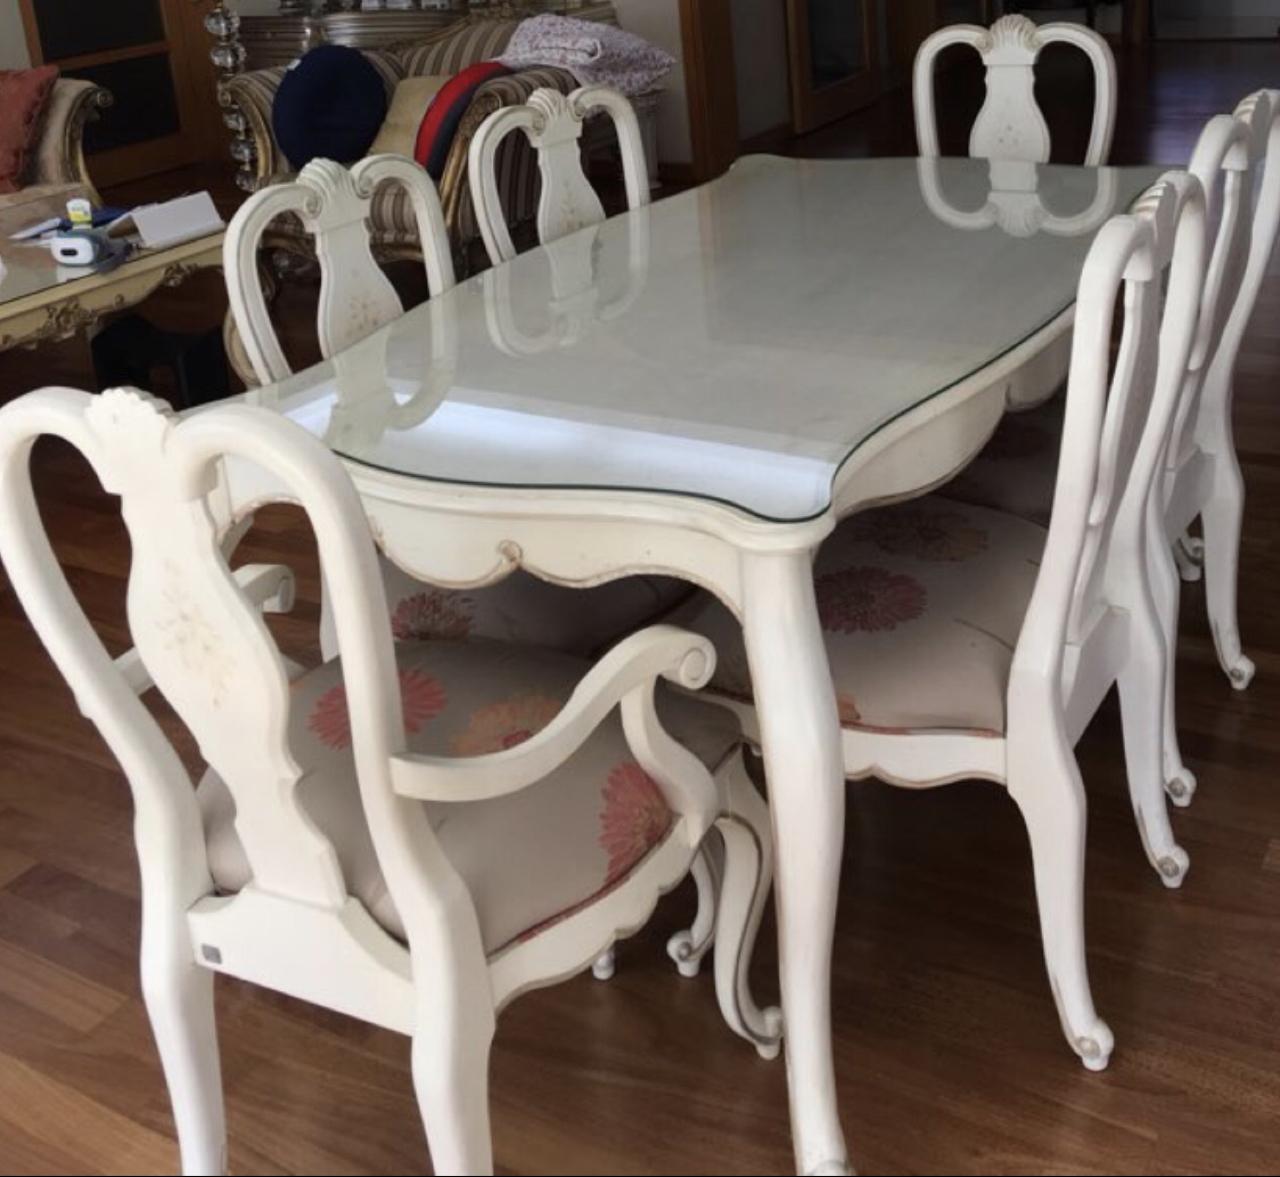 [식탁] 엔티크 6인용 식탁 판매